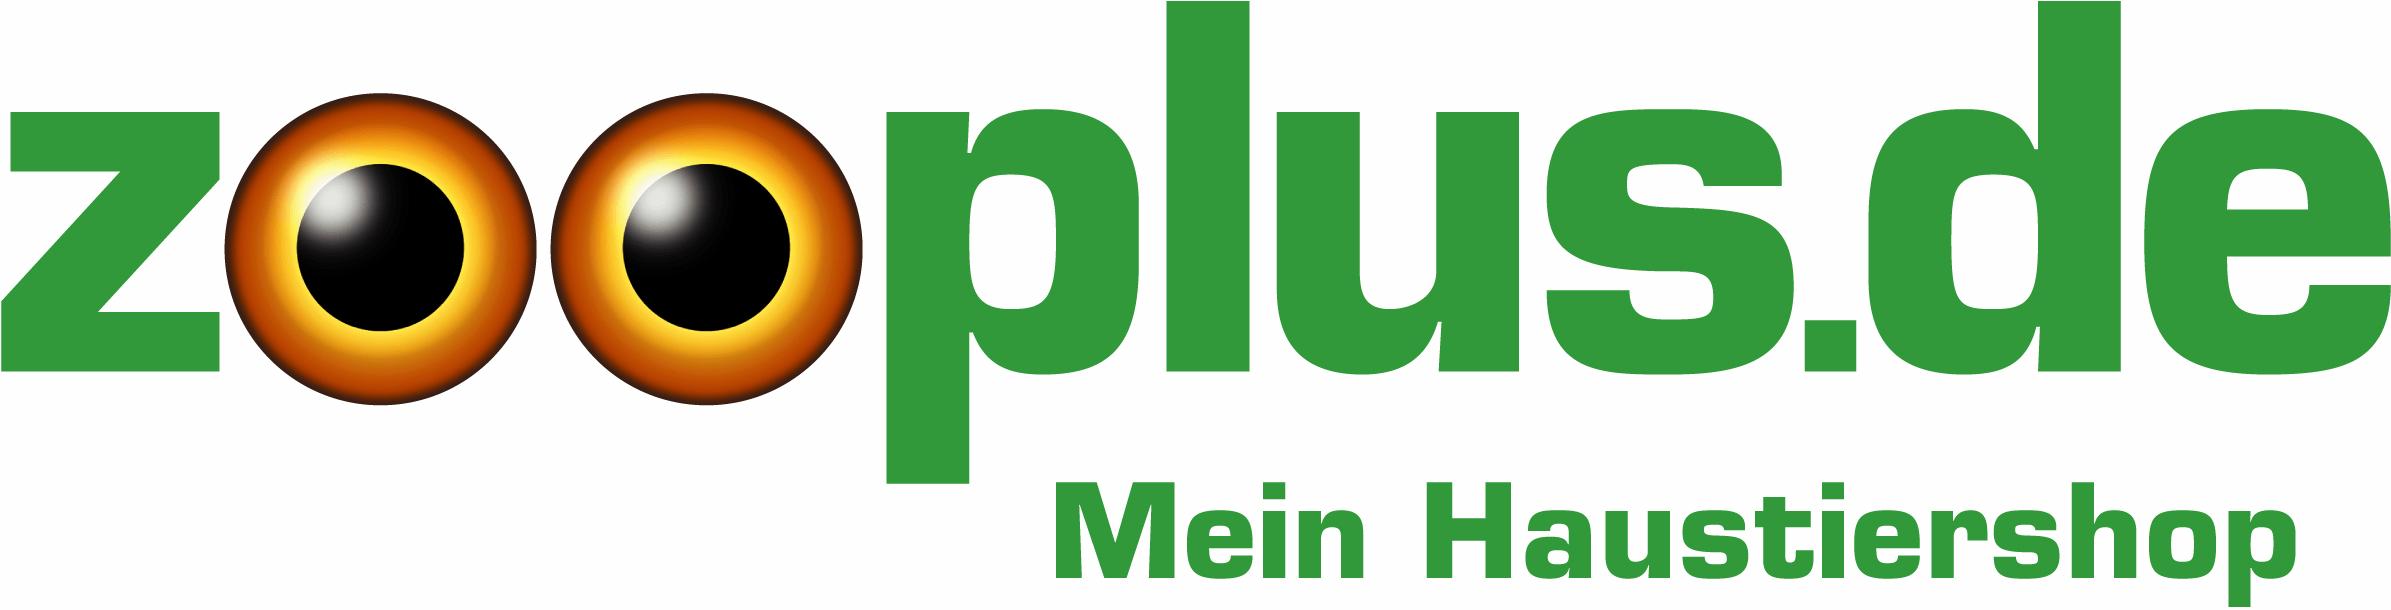 Bildergebnis für zooplus mein haustiershop logo